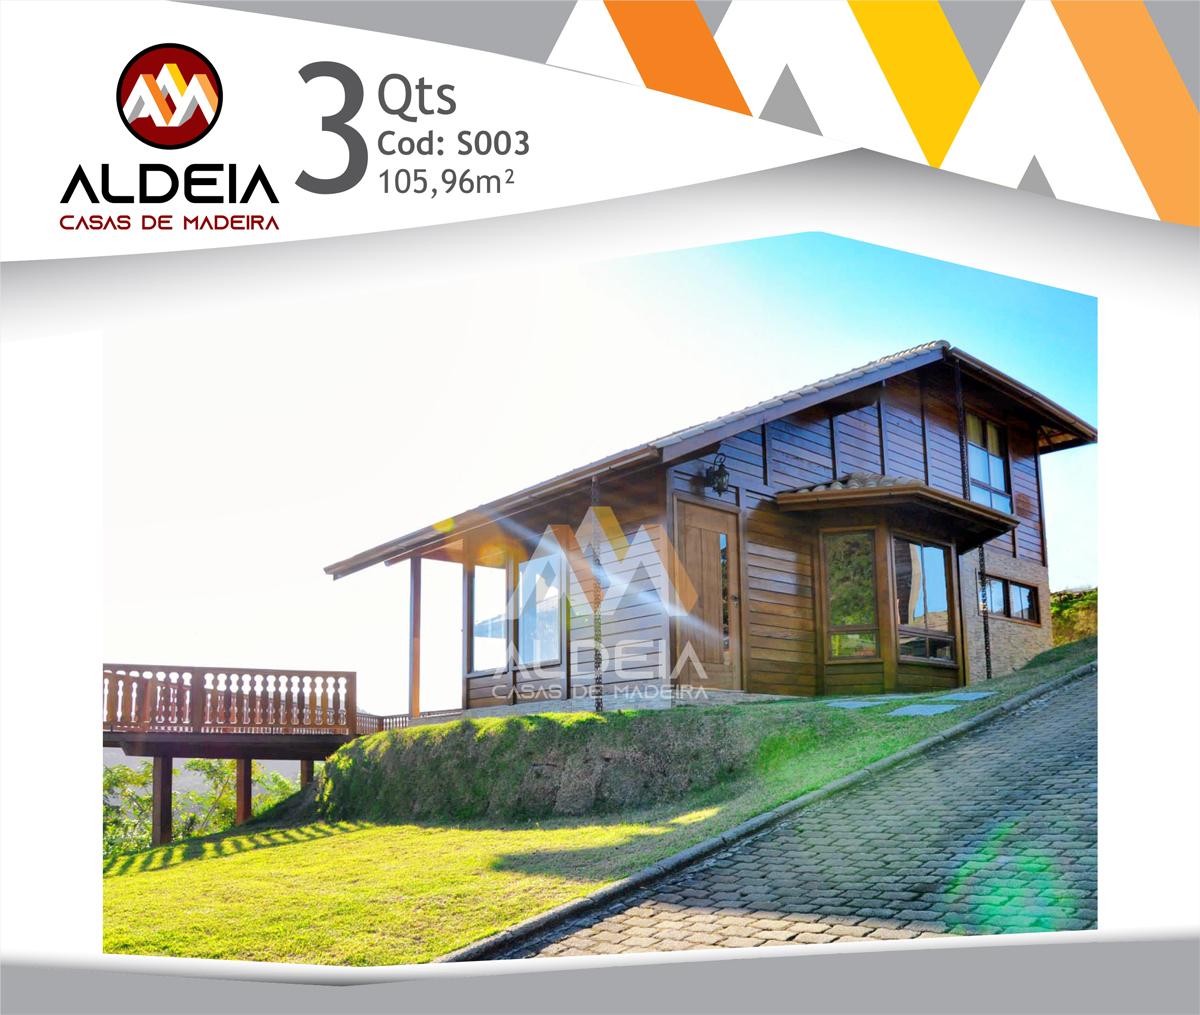 aldeia-casas-madeira-fachada-S003